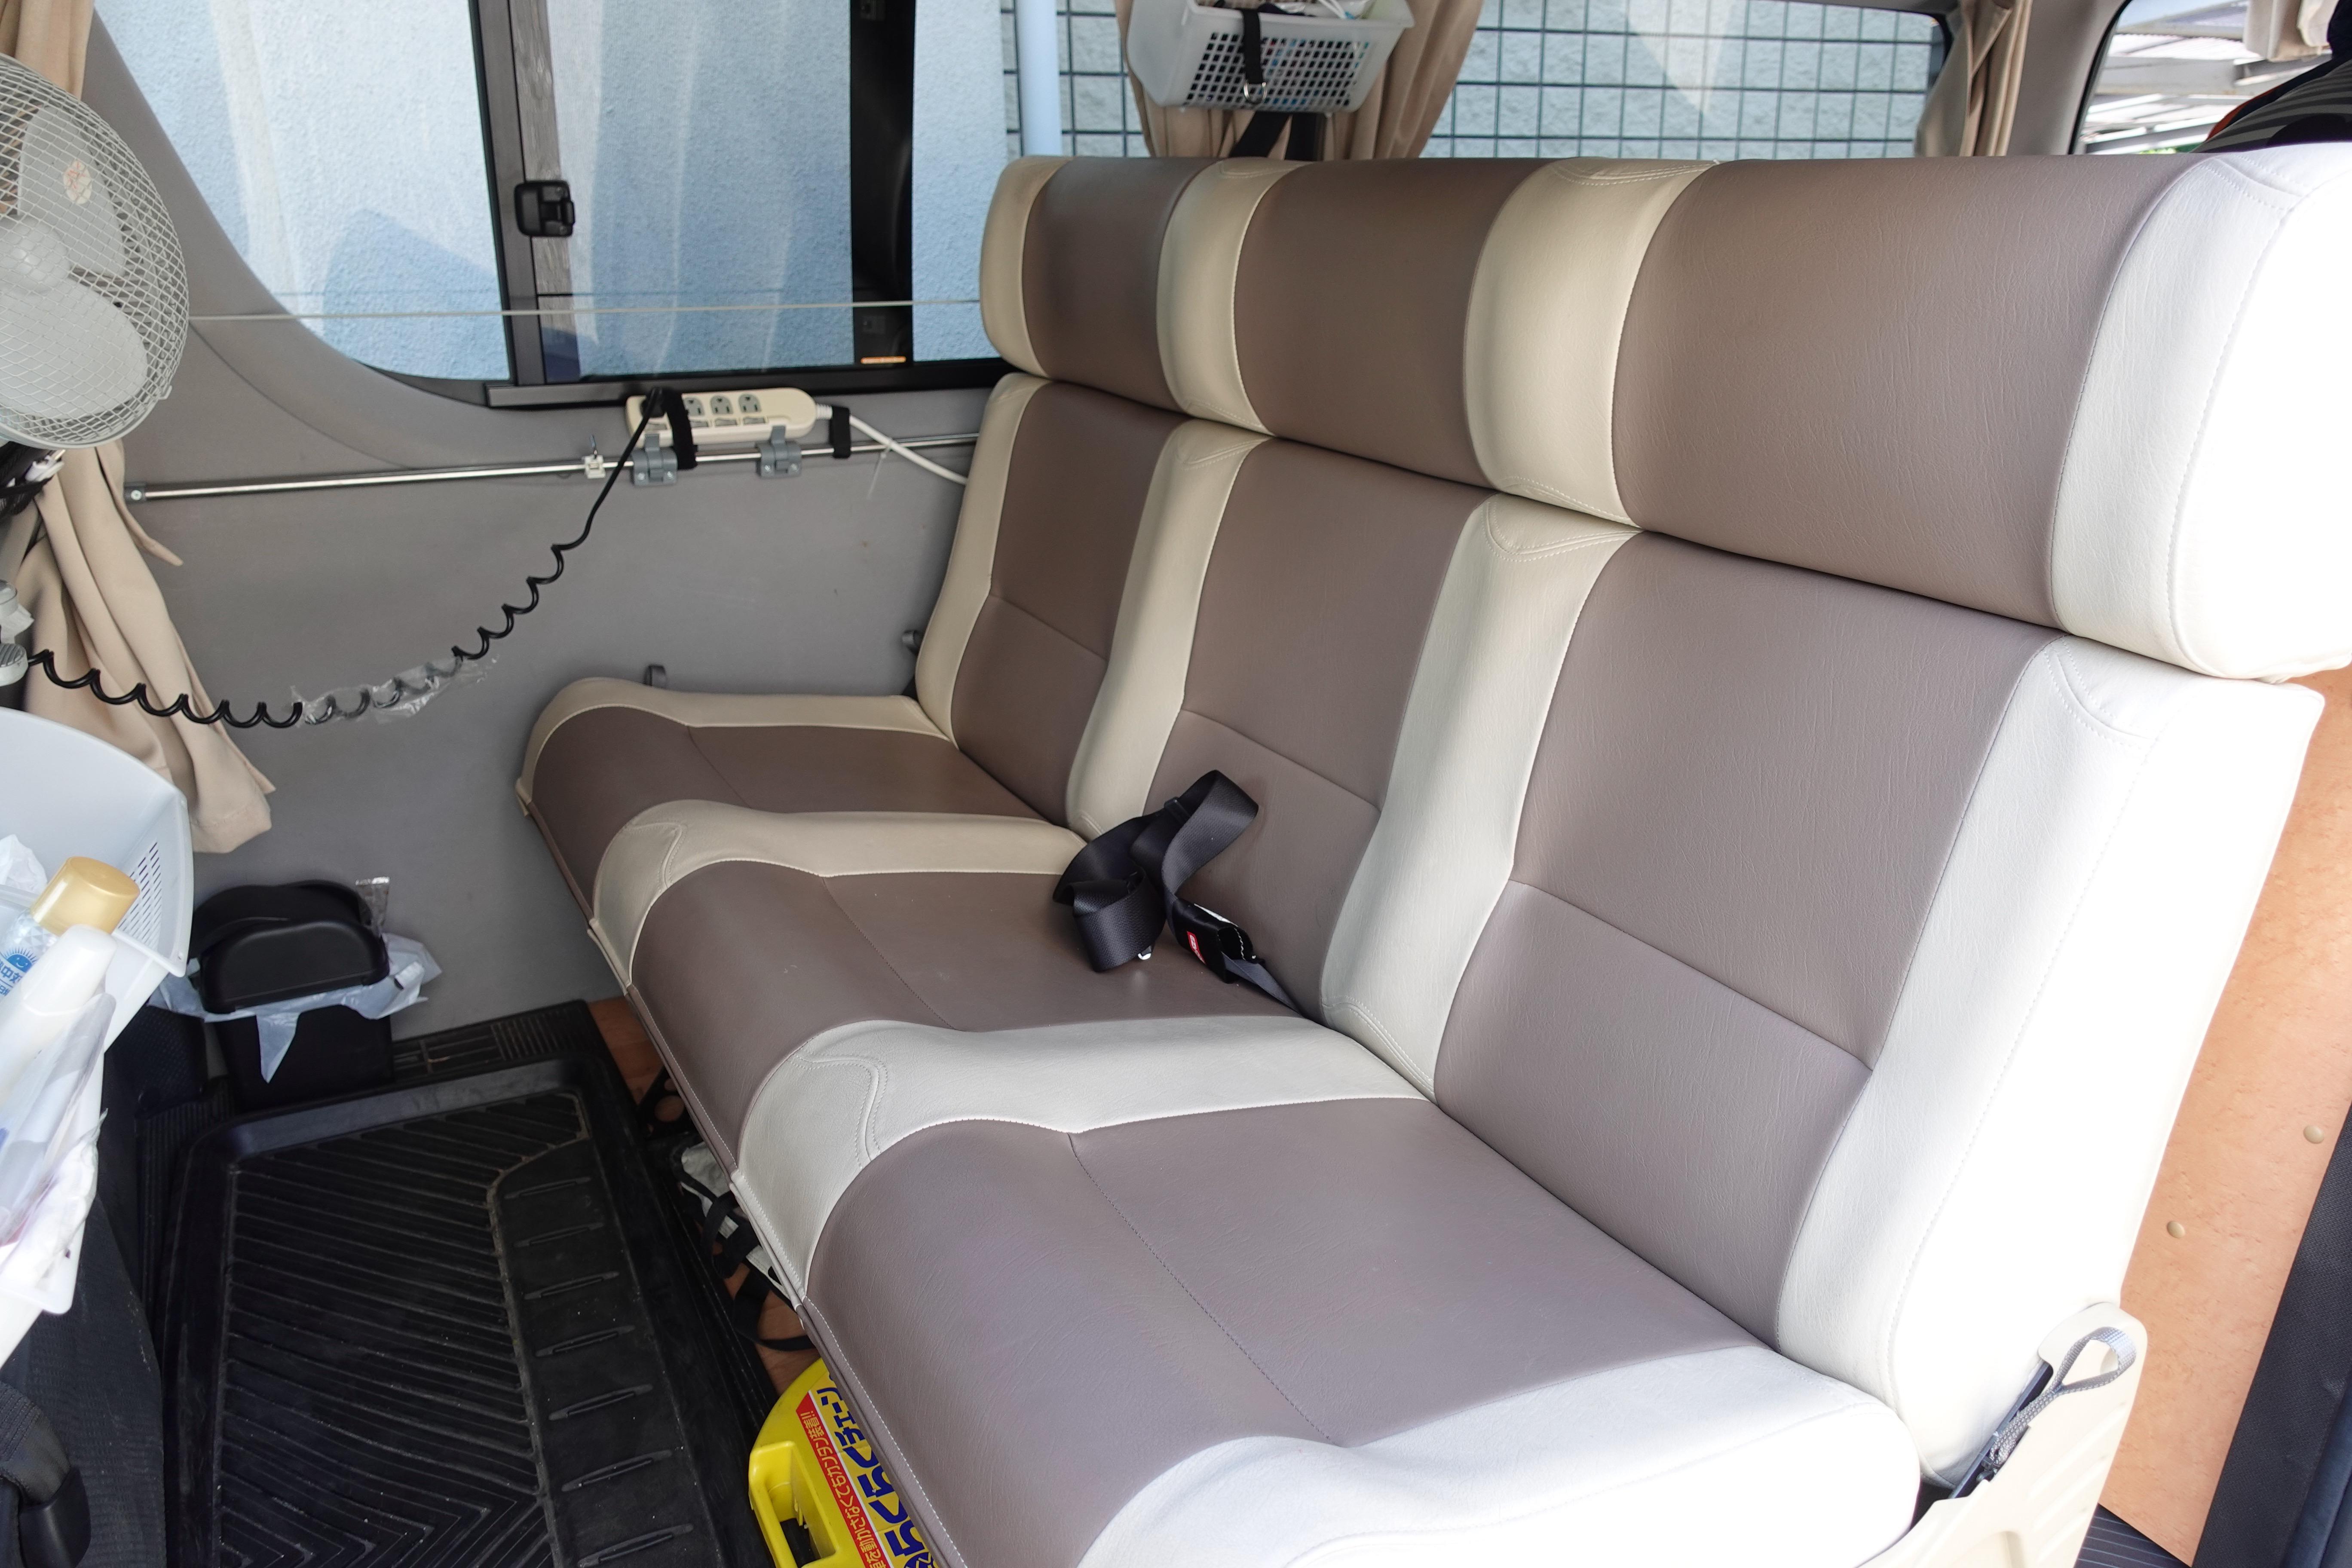 (8)内観(後部座席) 3名全員がシートベルト着用で前向きに座れ安全です。リクライニングも可能です。